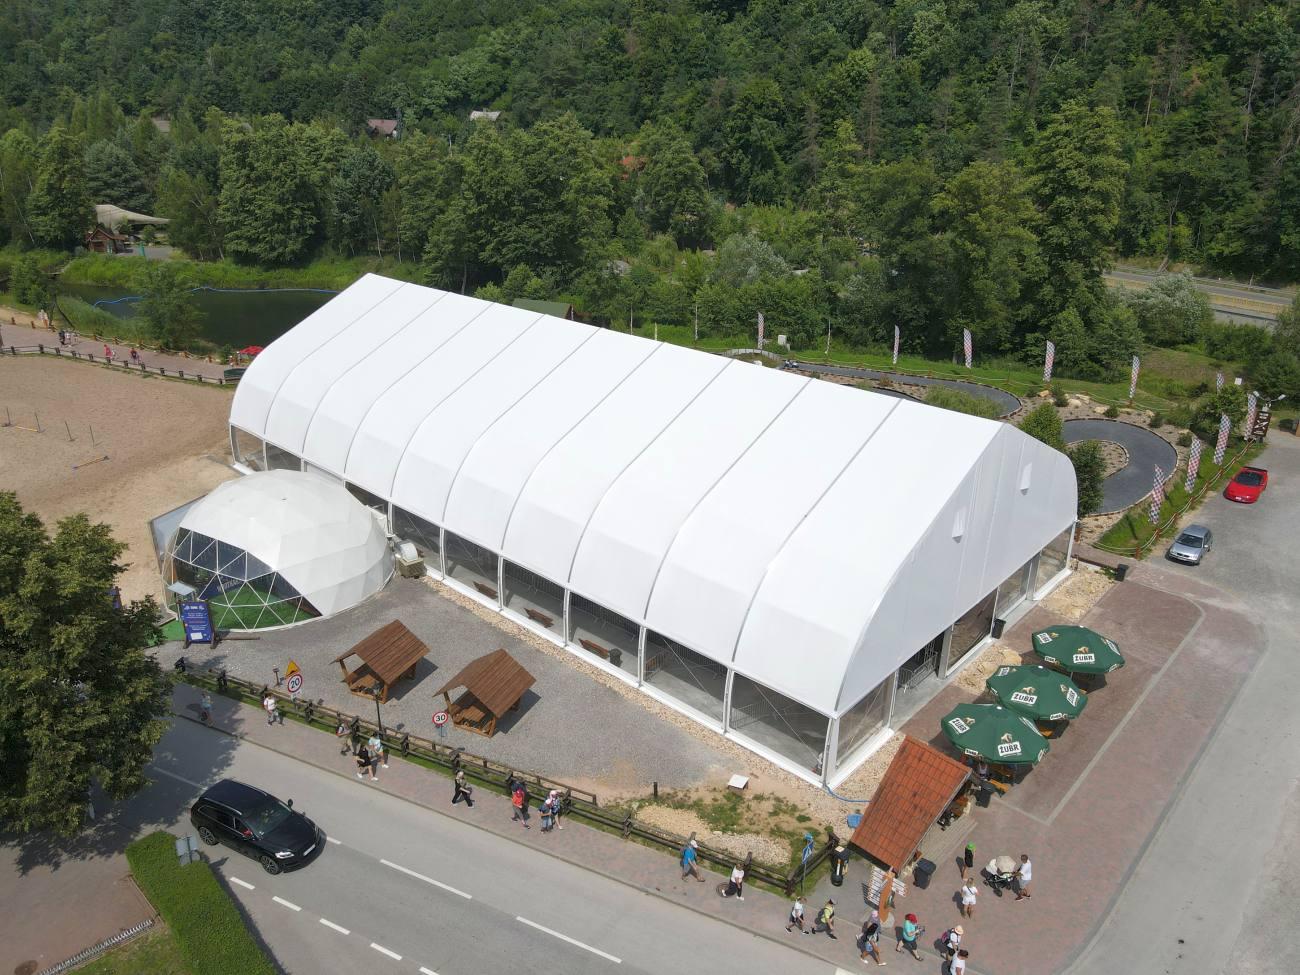 hala sportowa namiotowa